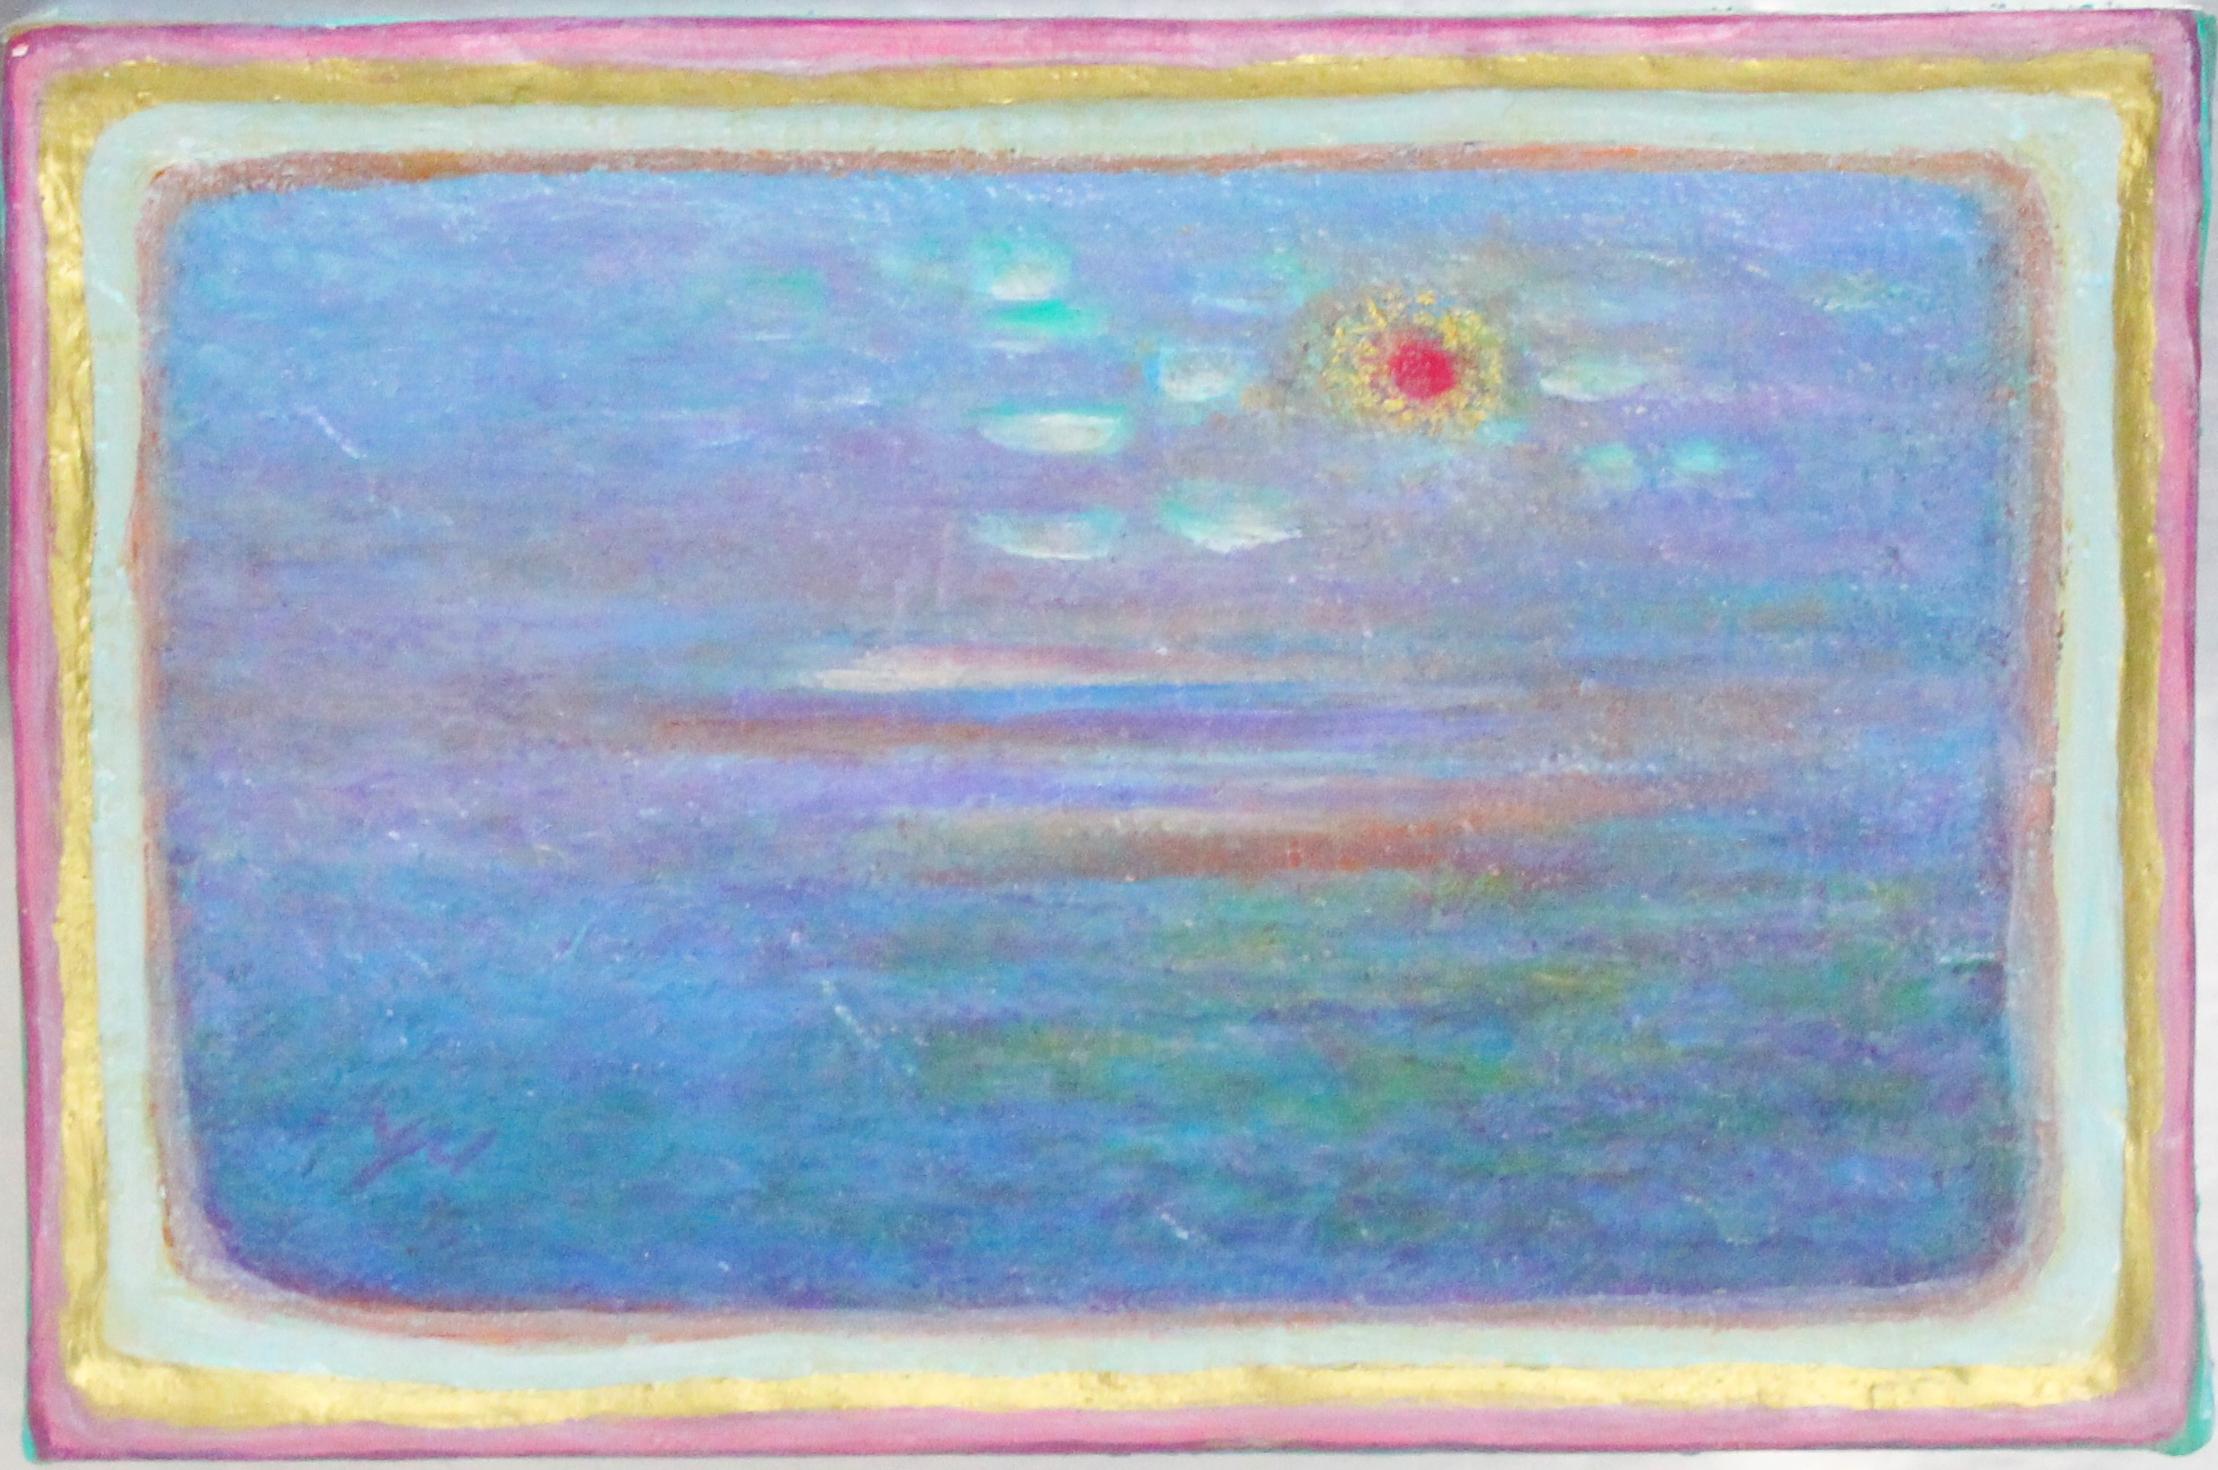 216.小さな太陽